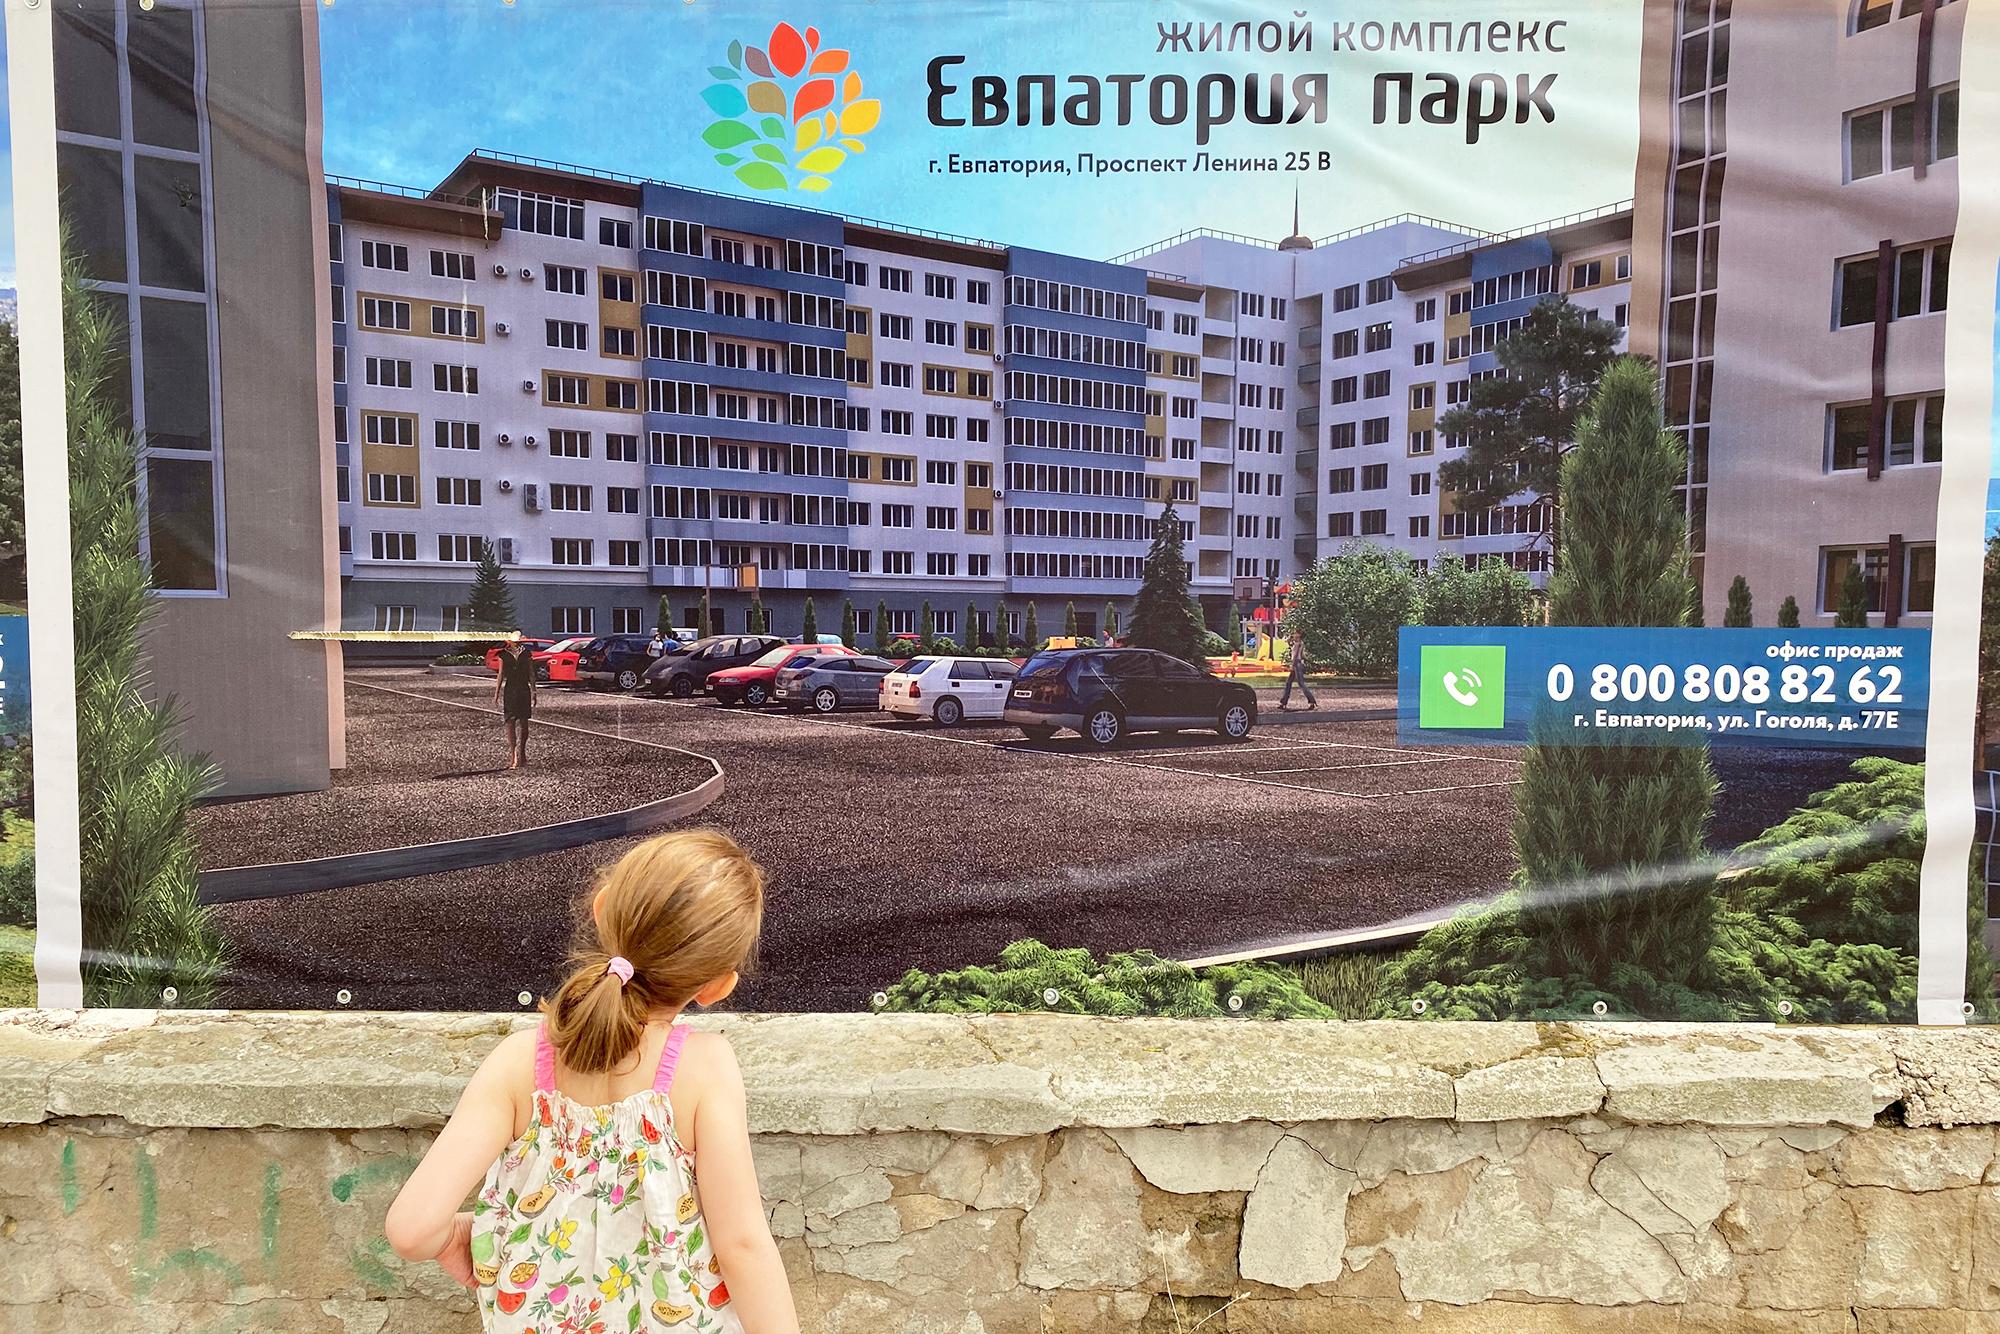 недвижимость Евпатории.jpg